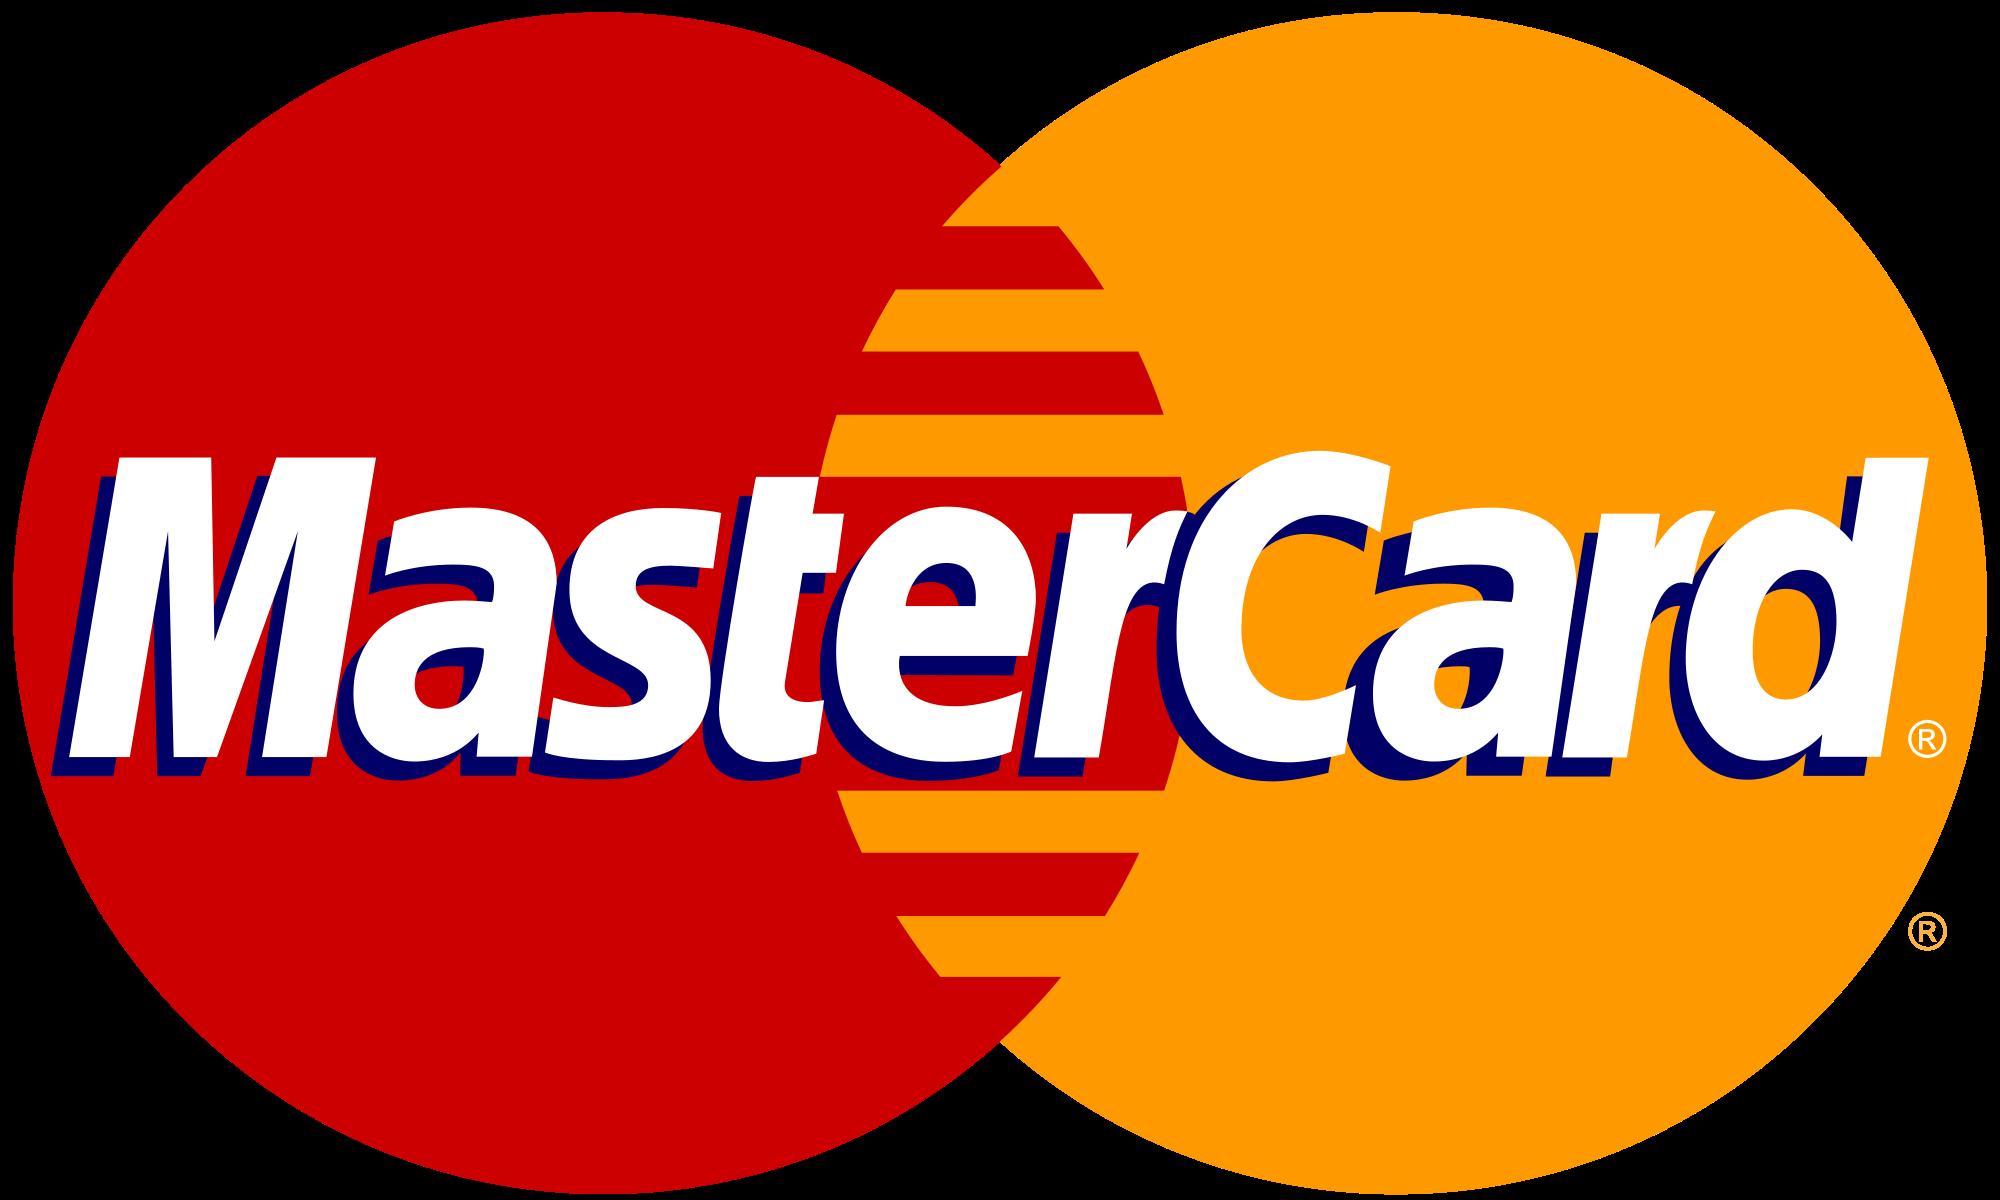 mastercardlogopng.png (2000×1200) Mastercard logo